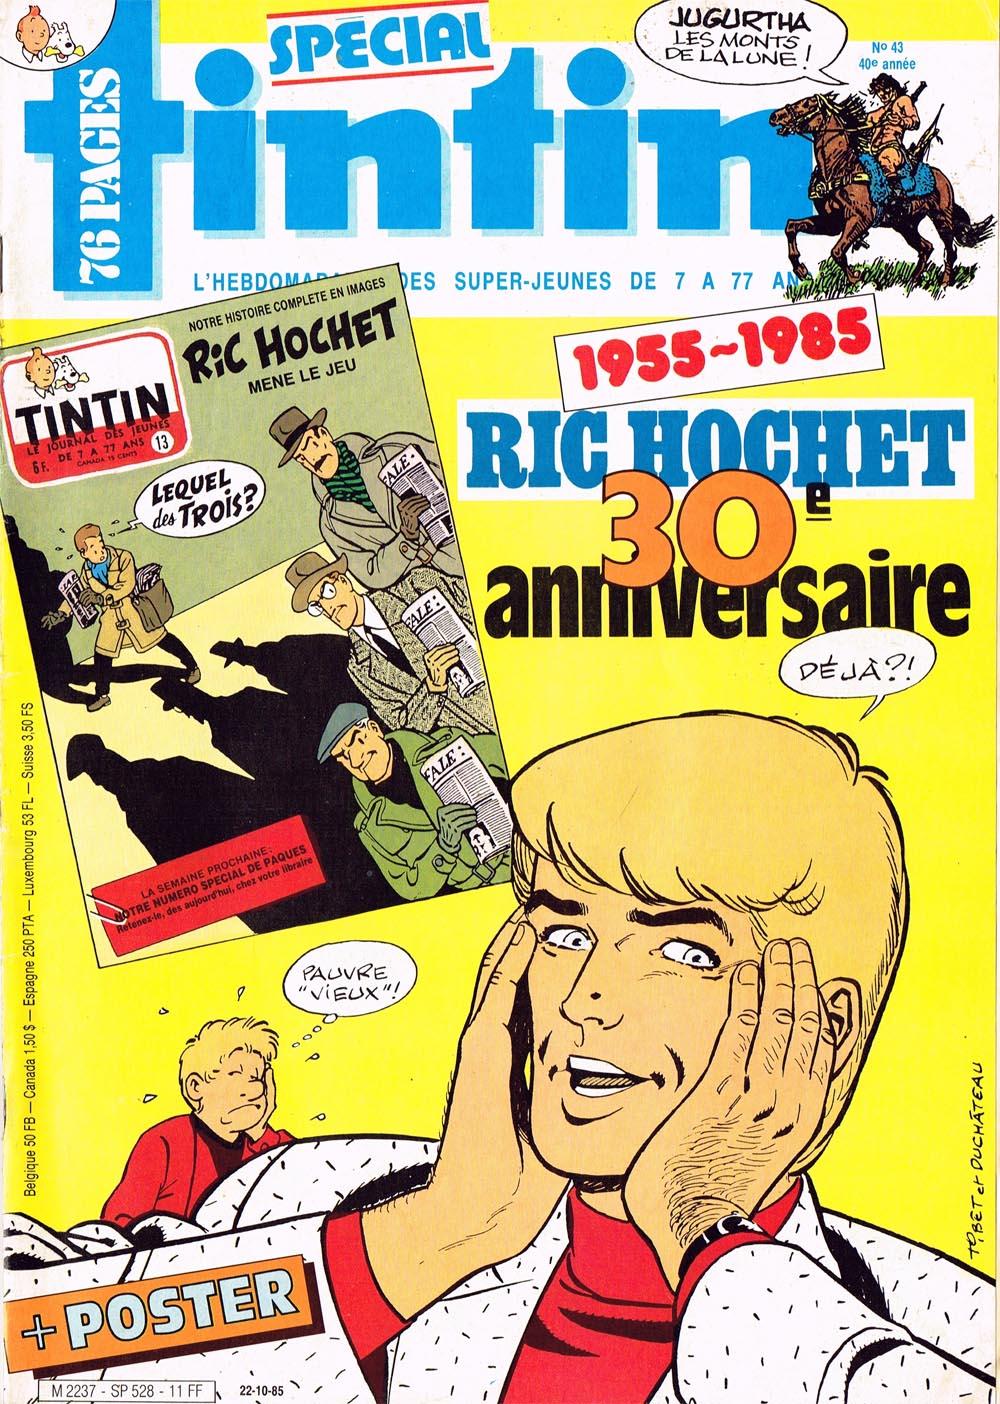 Couverture anniversaire des 30 ans pour un Tintin Spécial en 1985